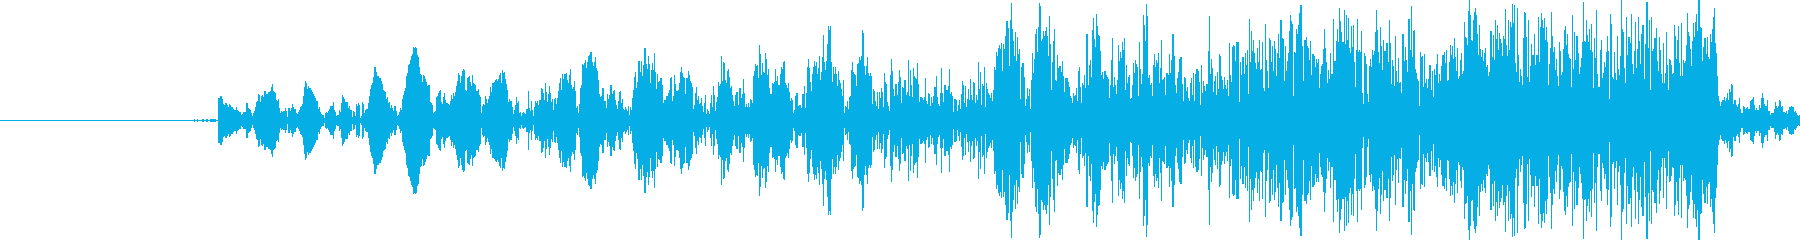 【ヒュン/ビュン/アプリ/効果音】の再生済みの波形